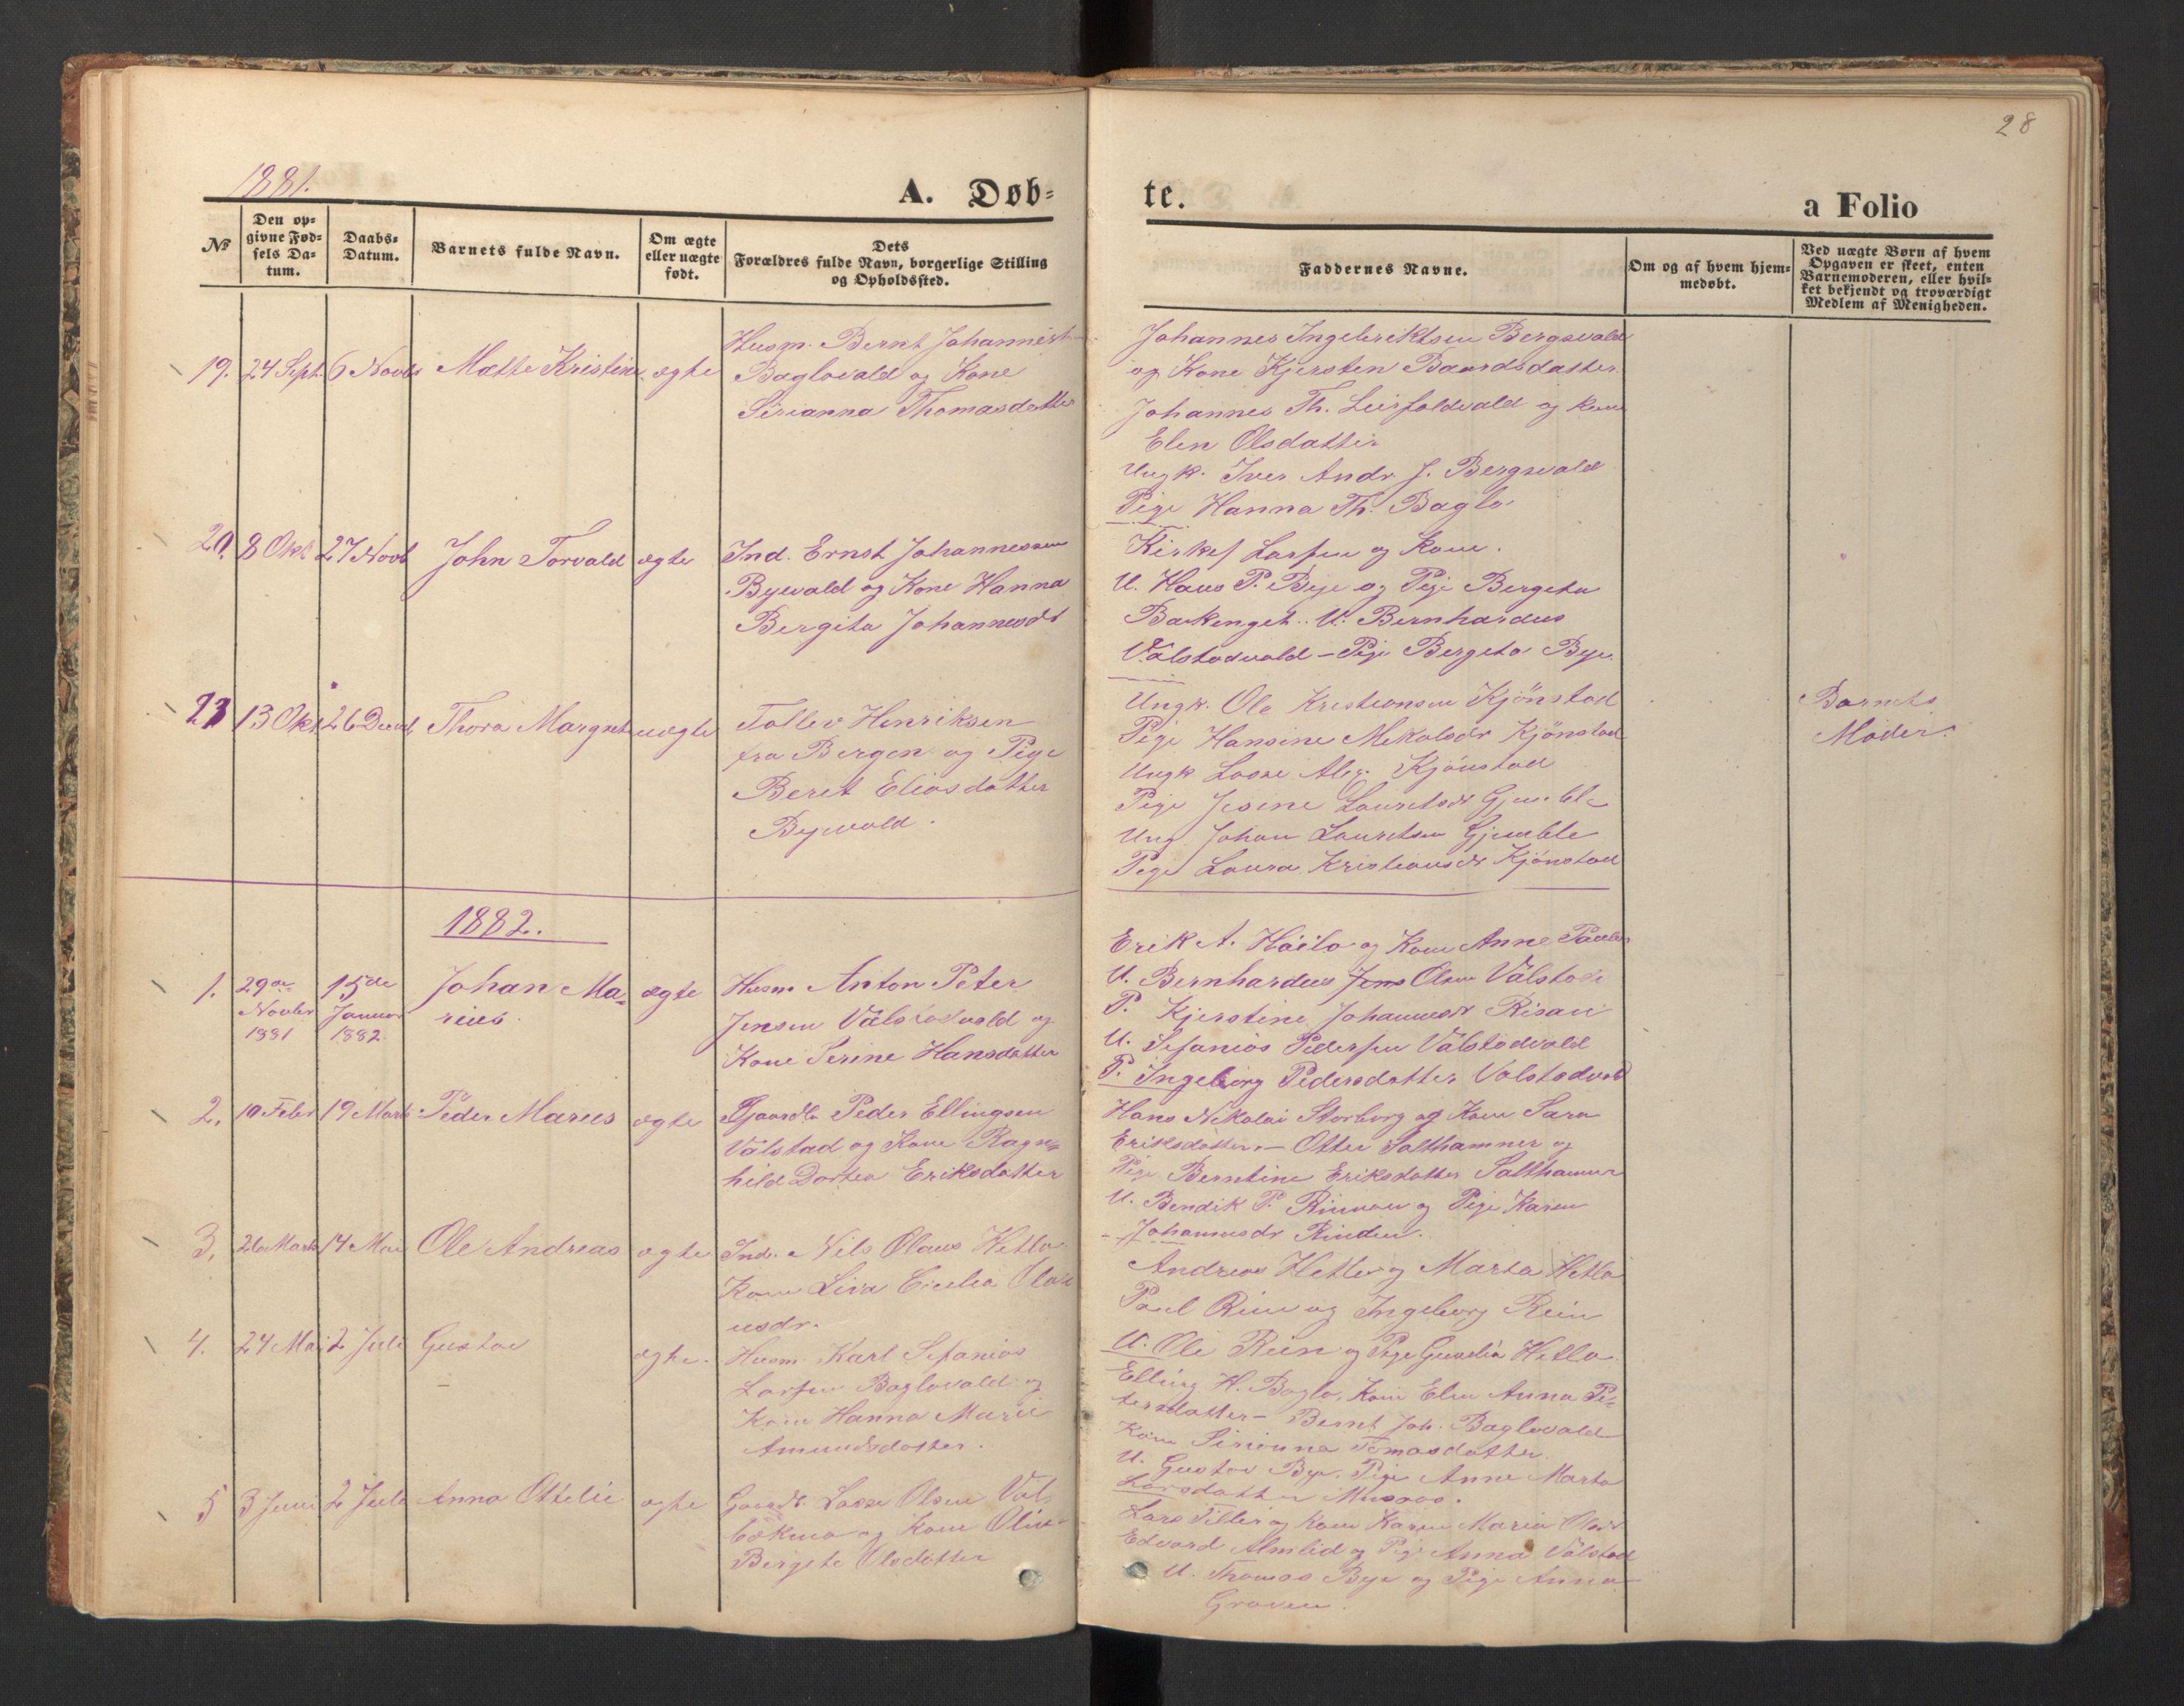 SAT, Ministerialprotokoller, klokkerbøker og fødselsregistre - Nord-Trøndelag, 726/L0271: Klokkerbok nr. 726C02, 1869-1897, s. 28